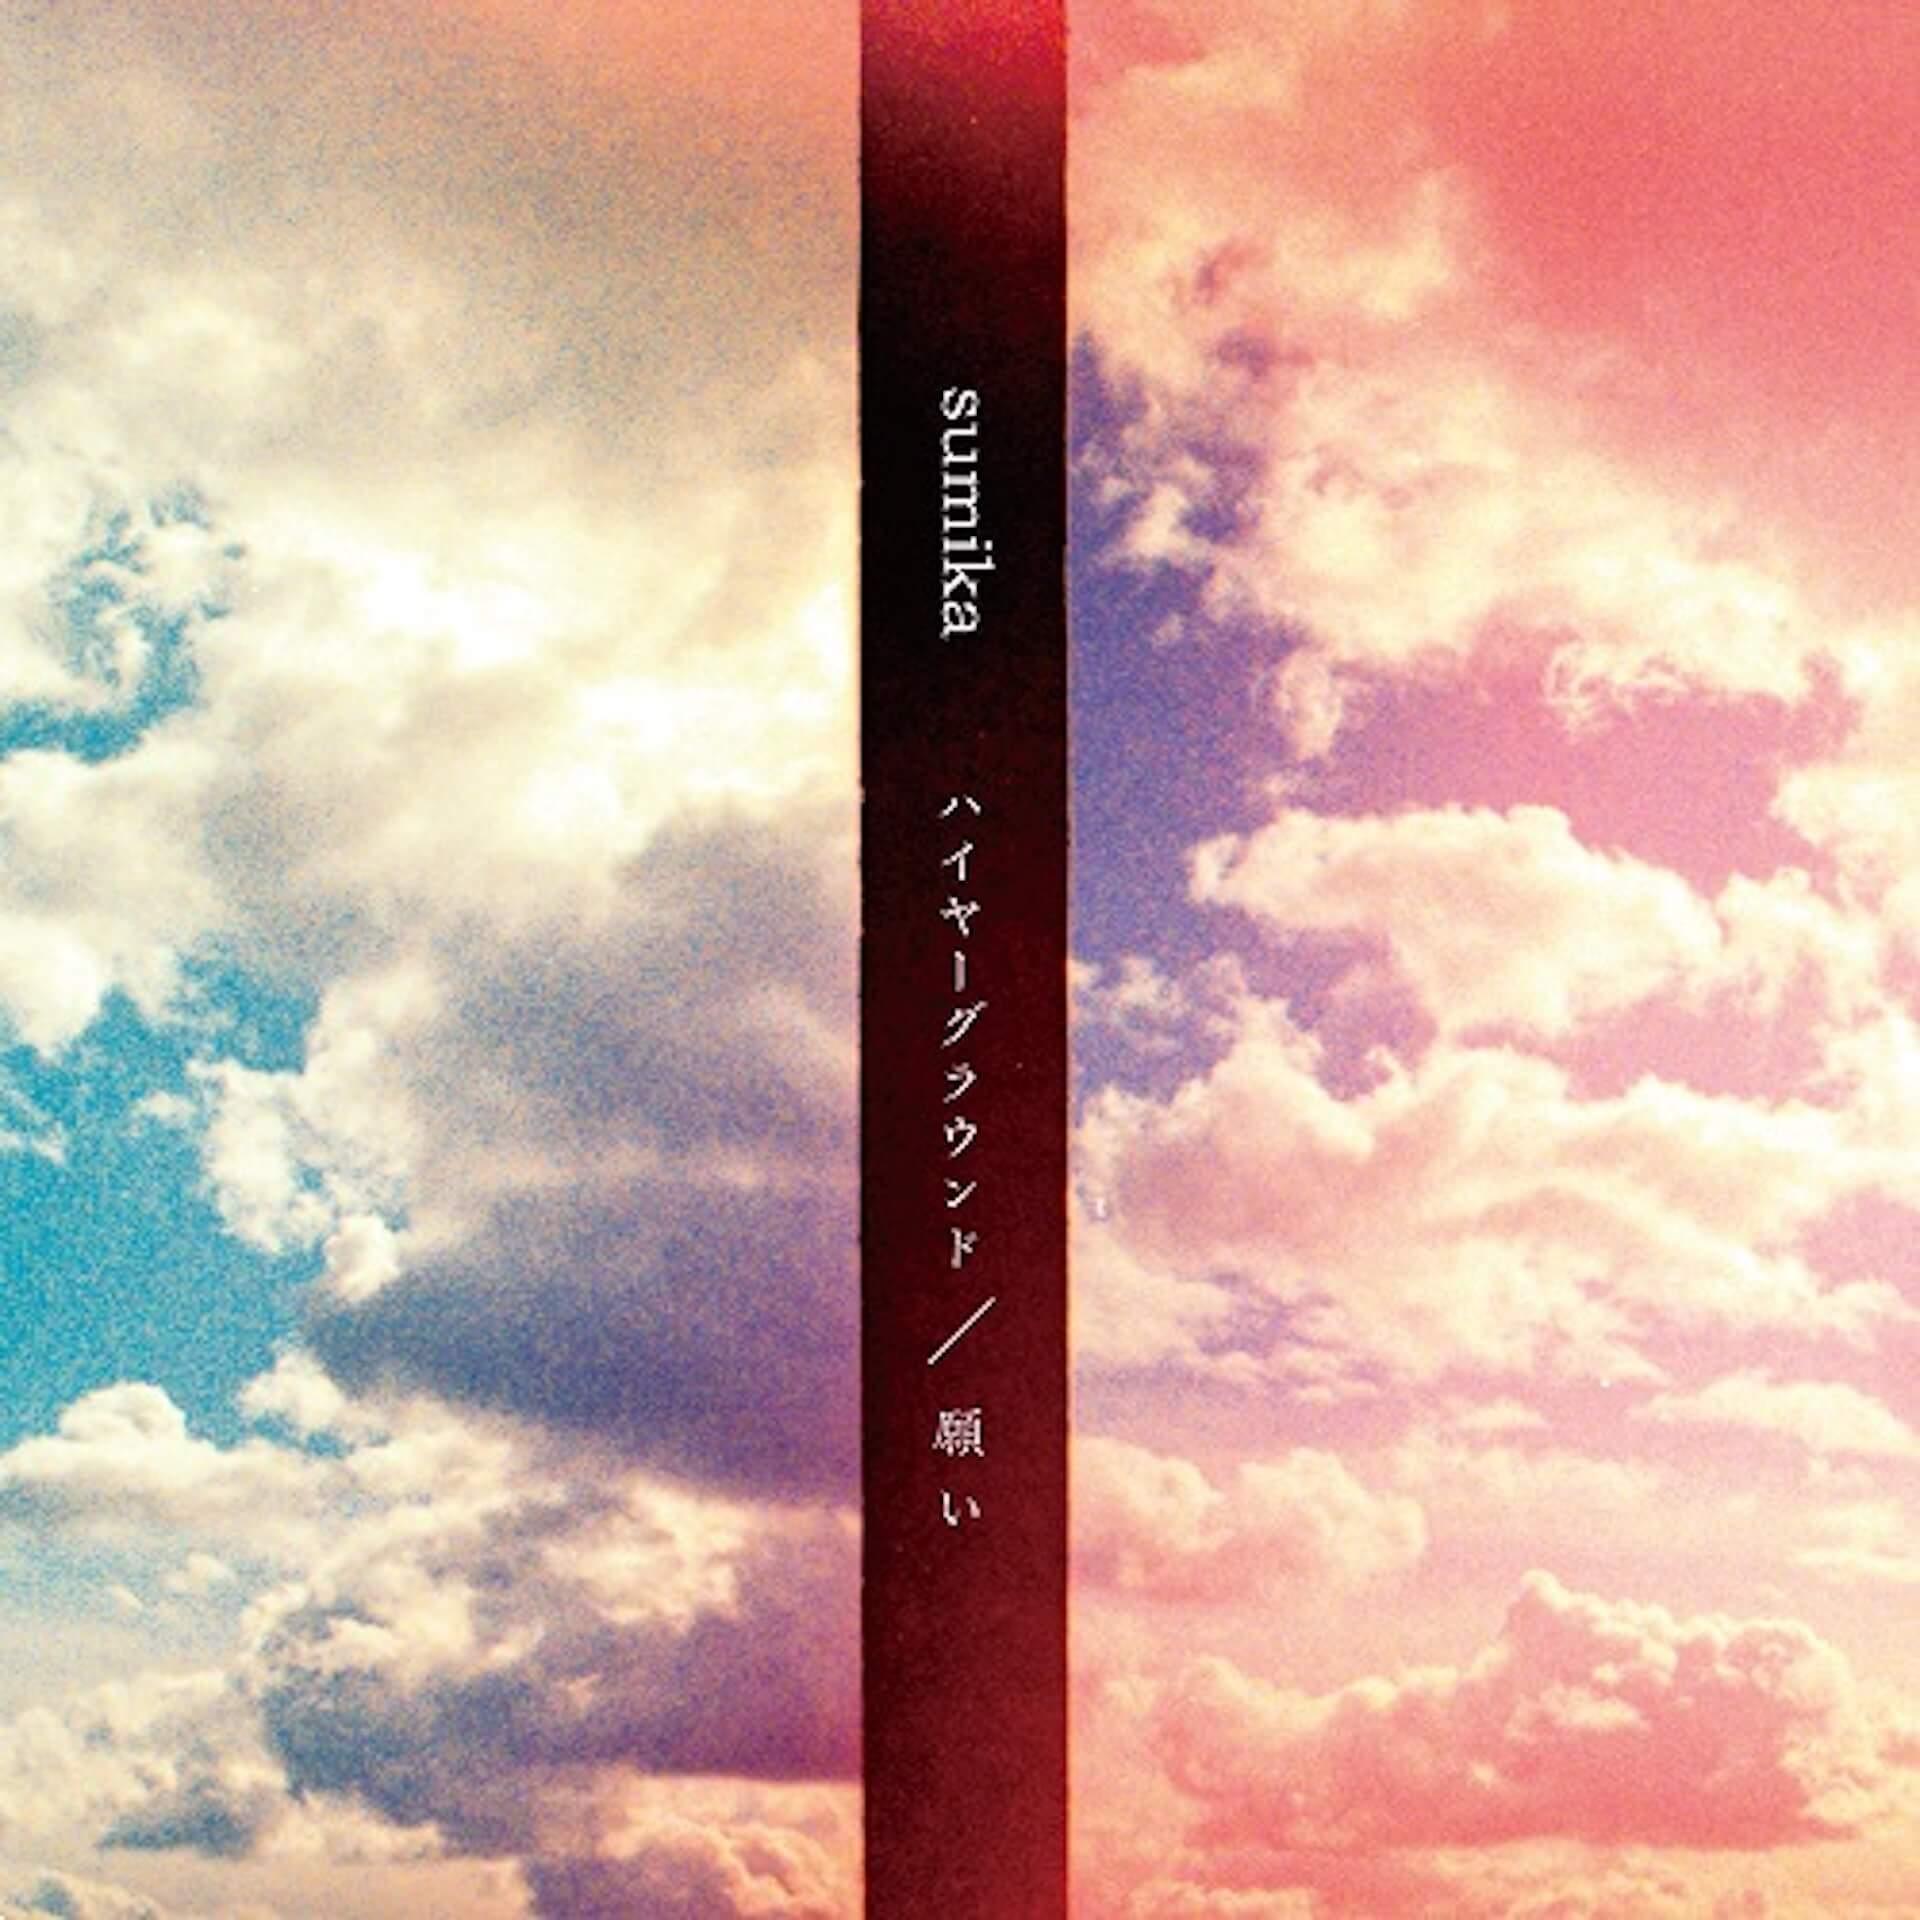 sumika全楽曲サブスク解禁!『おっさんずラブ』主題歌となった新曲「願い」の先行配信も決定 music_191115_sumika_2